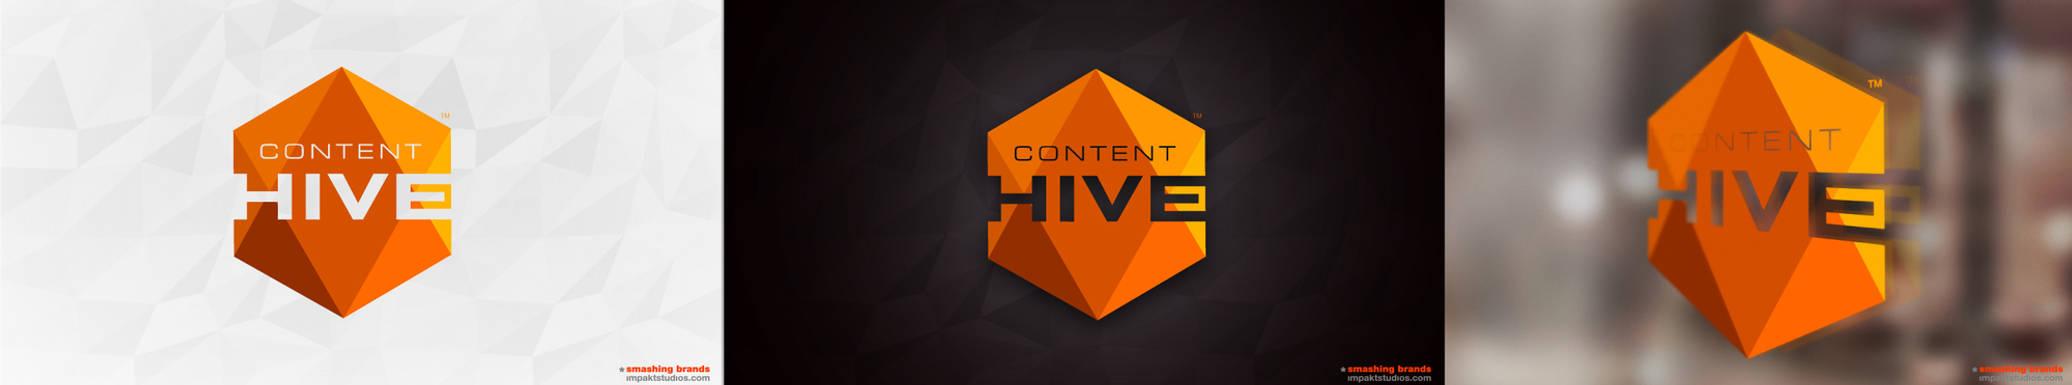 Content Hive Concept 4